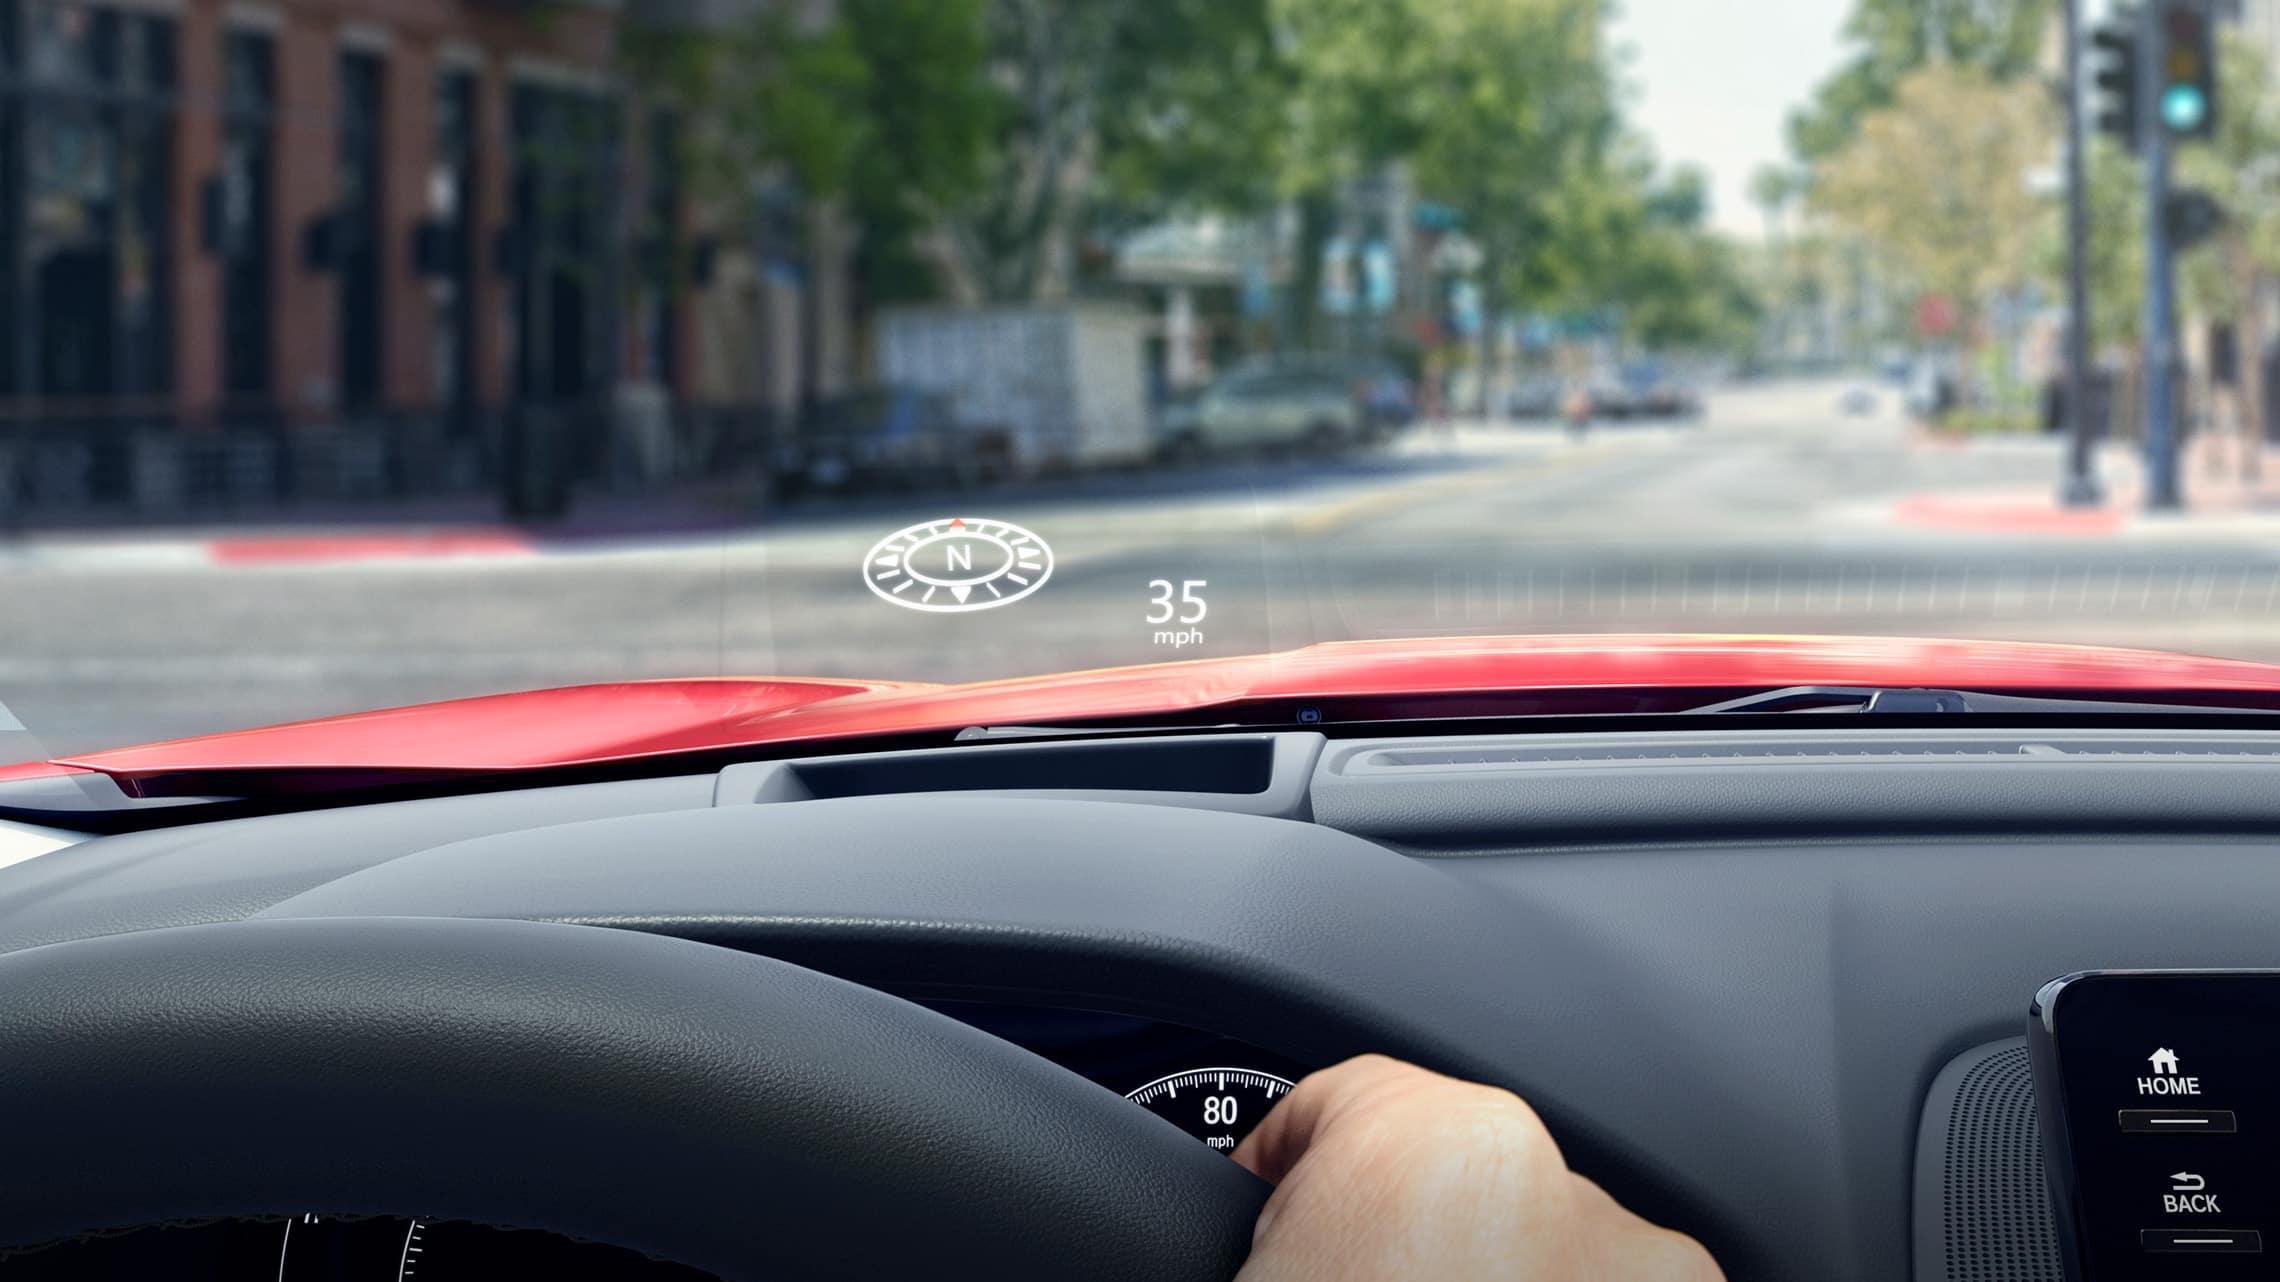 Detalle de la pantalla a la altura de la vista del Honda Accord Touring2.0T2021.